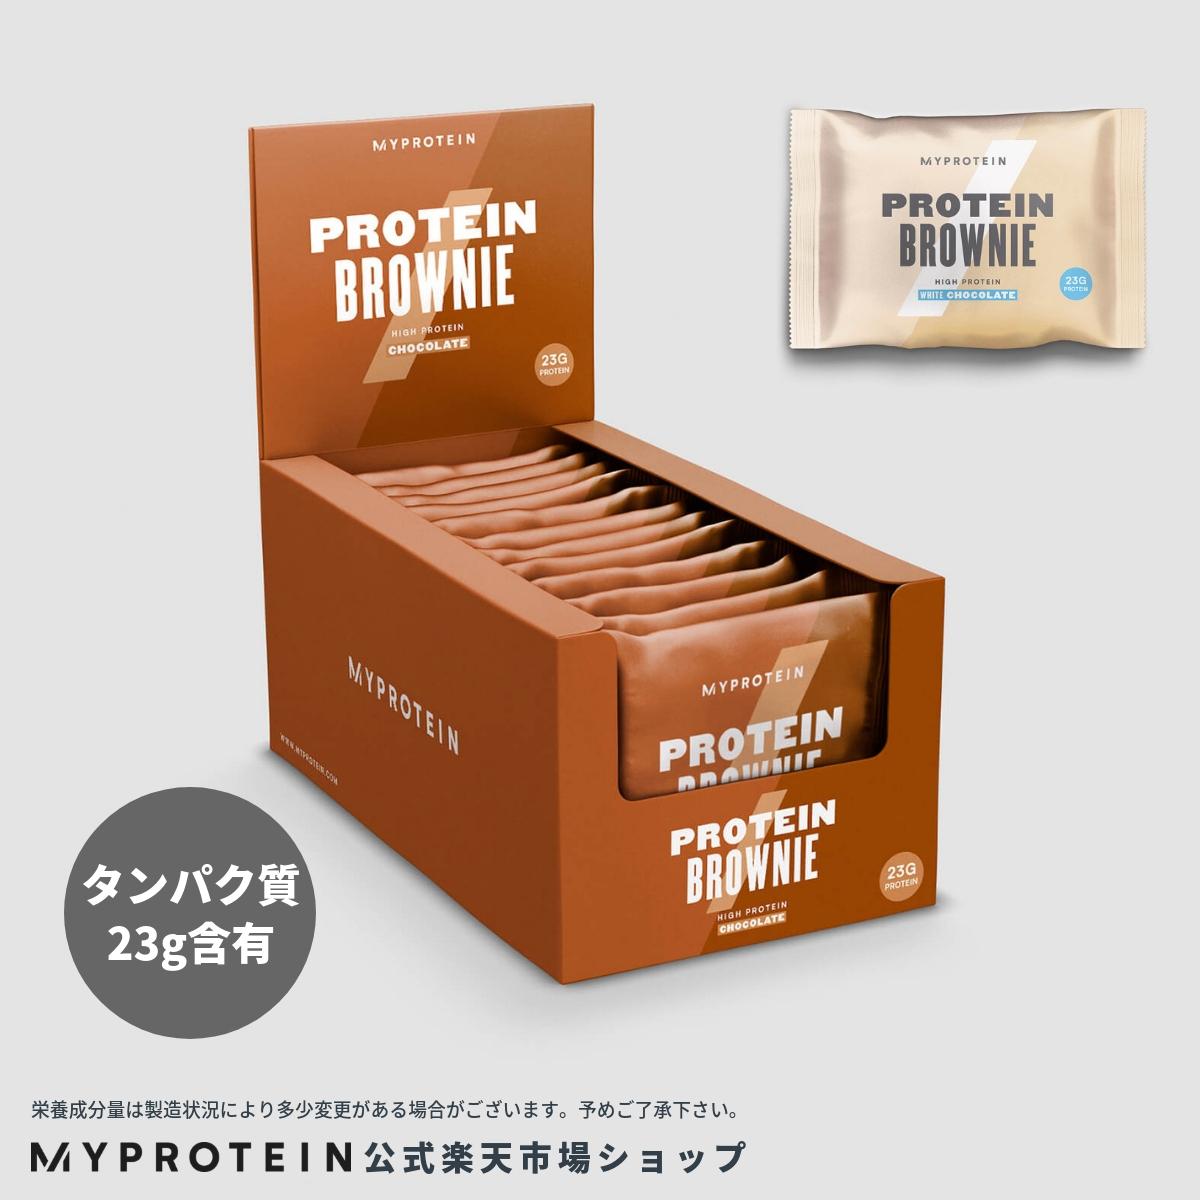 マイプロテイン 公式 【MyProtein】 プロテイン ブラウニー 12個入| プロテインバー プロテインブラウニー 低糖質 糖質制限 低糖 低脂肪 高たんぱく チョコ バニラ ベイクドチョコ 【楽天海外直送】